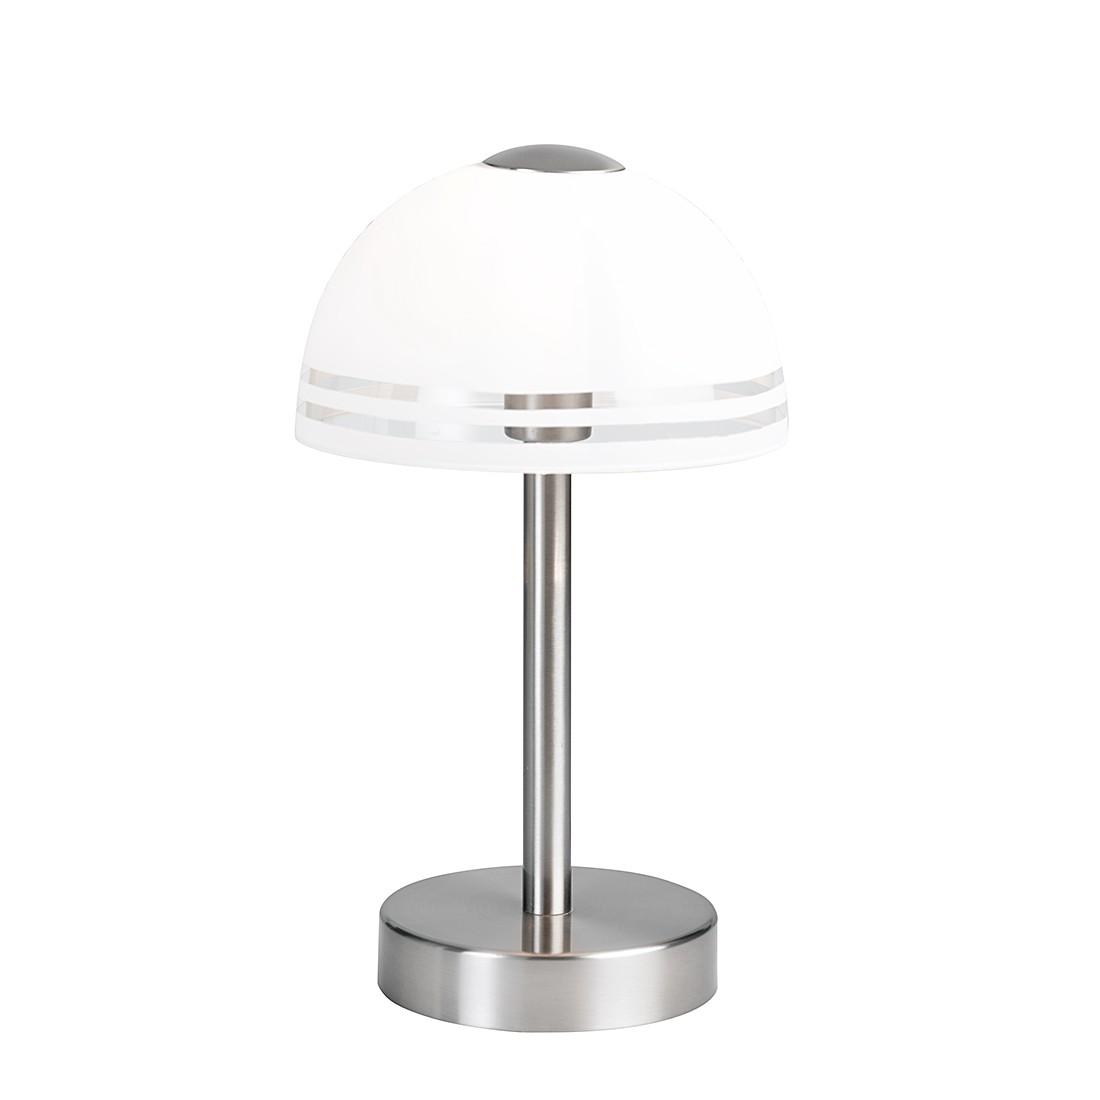 EEK A++, Tischleuchten – 1-flammig, Trio günstig online kaufen